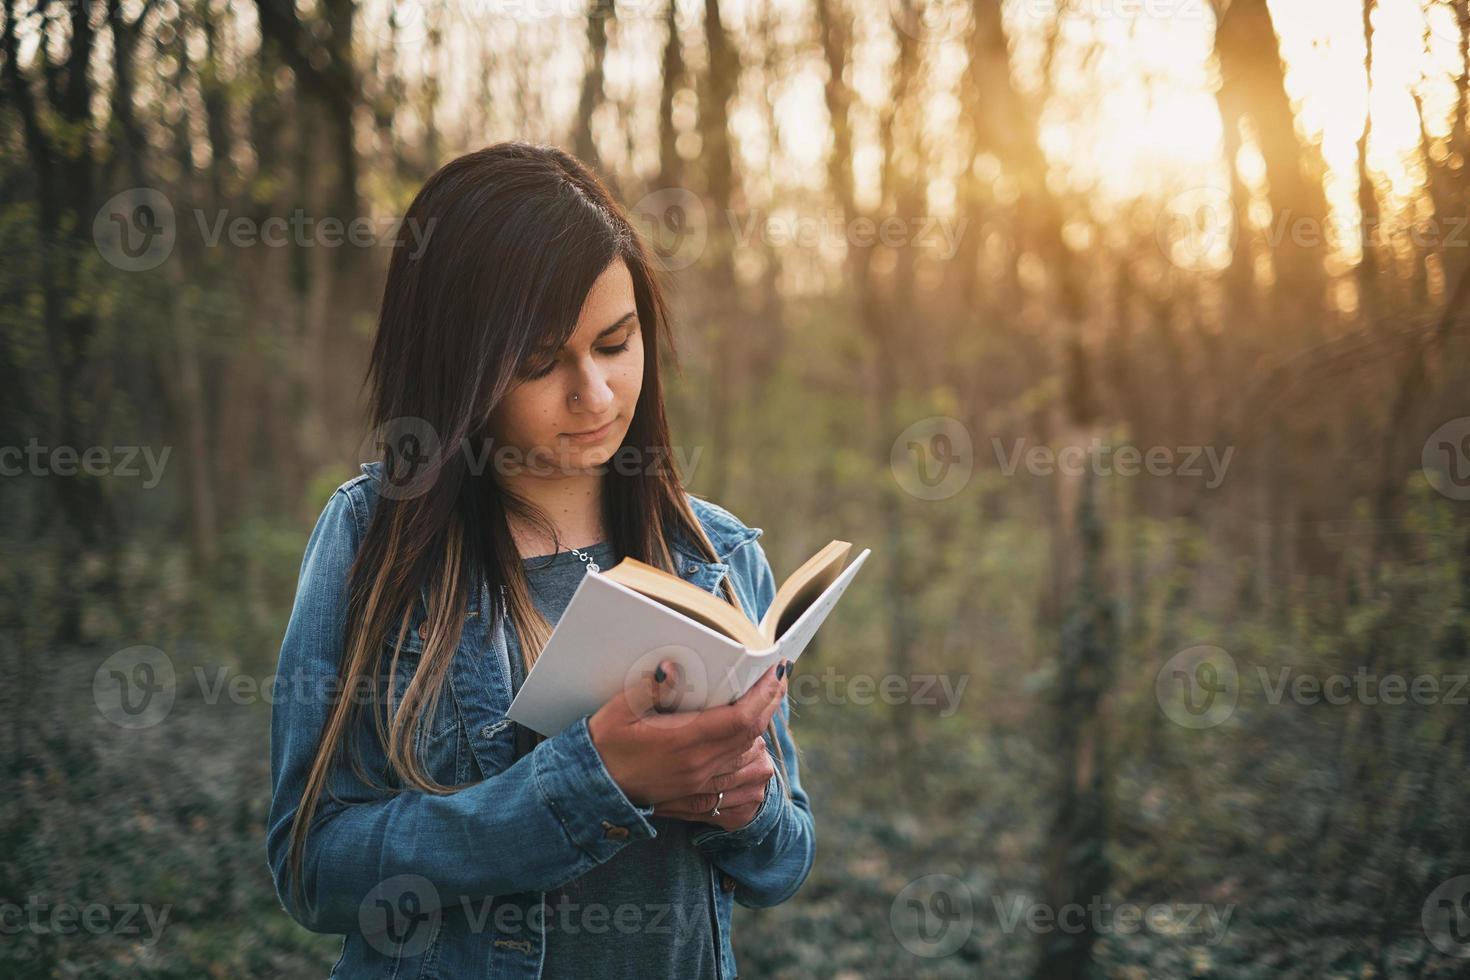 een meisje dat een boek leest in het bos foto